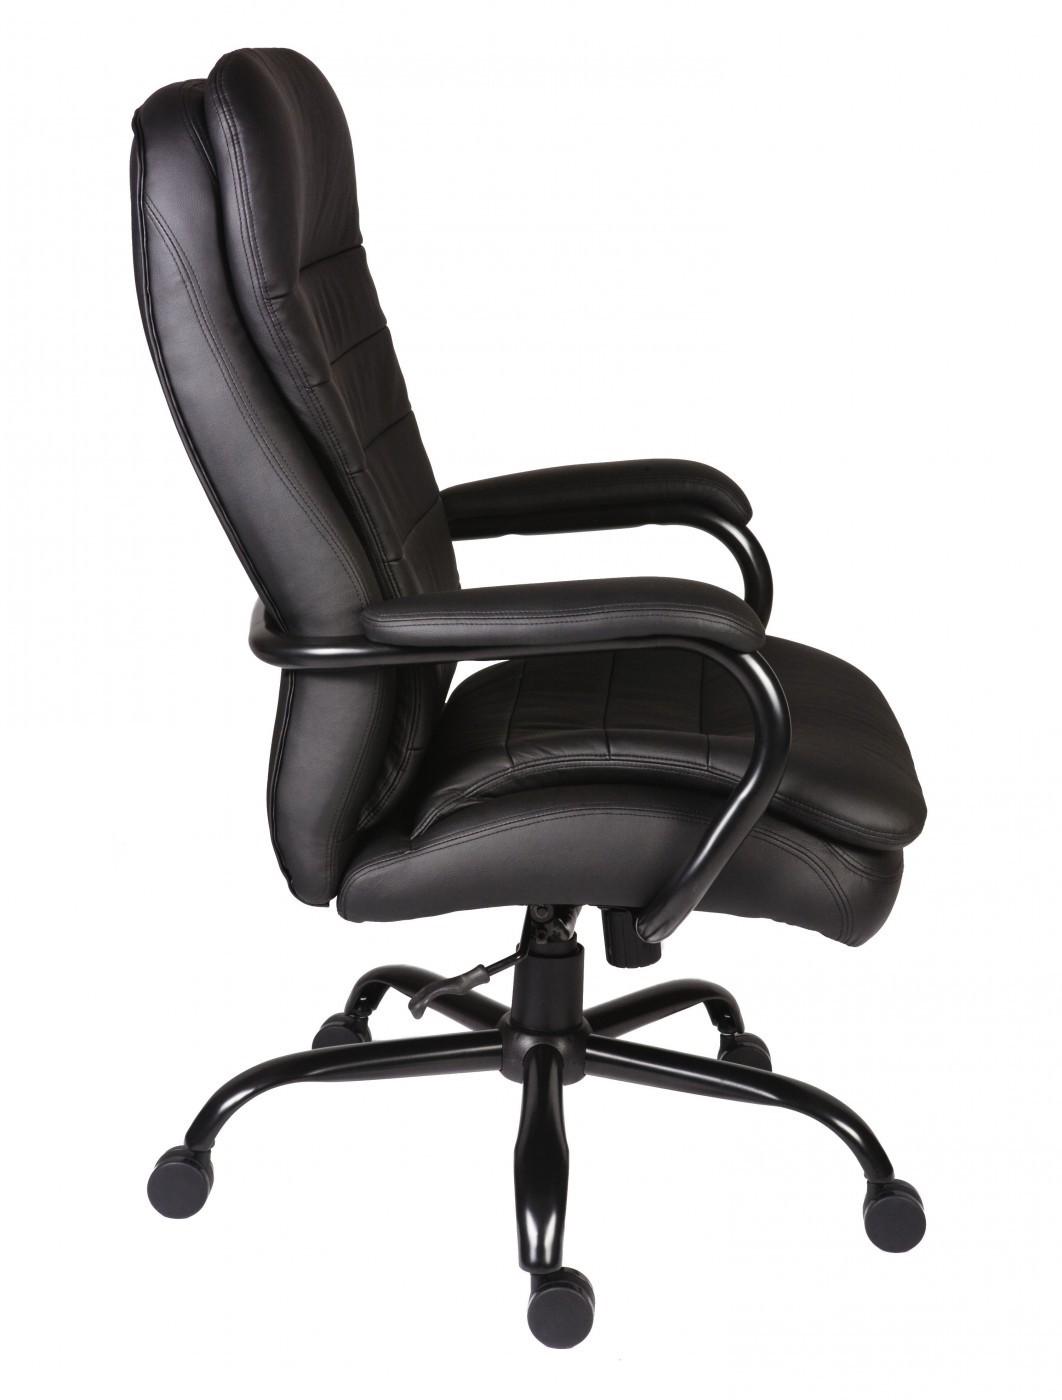 goliath heavy duty office chair b991 enlarged view - Heavy Duty Office Chairs